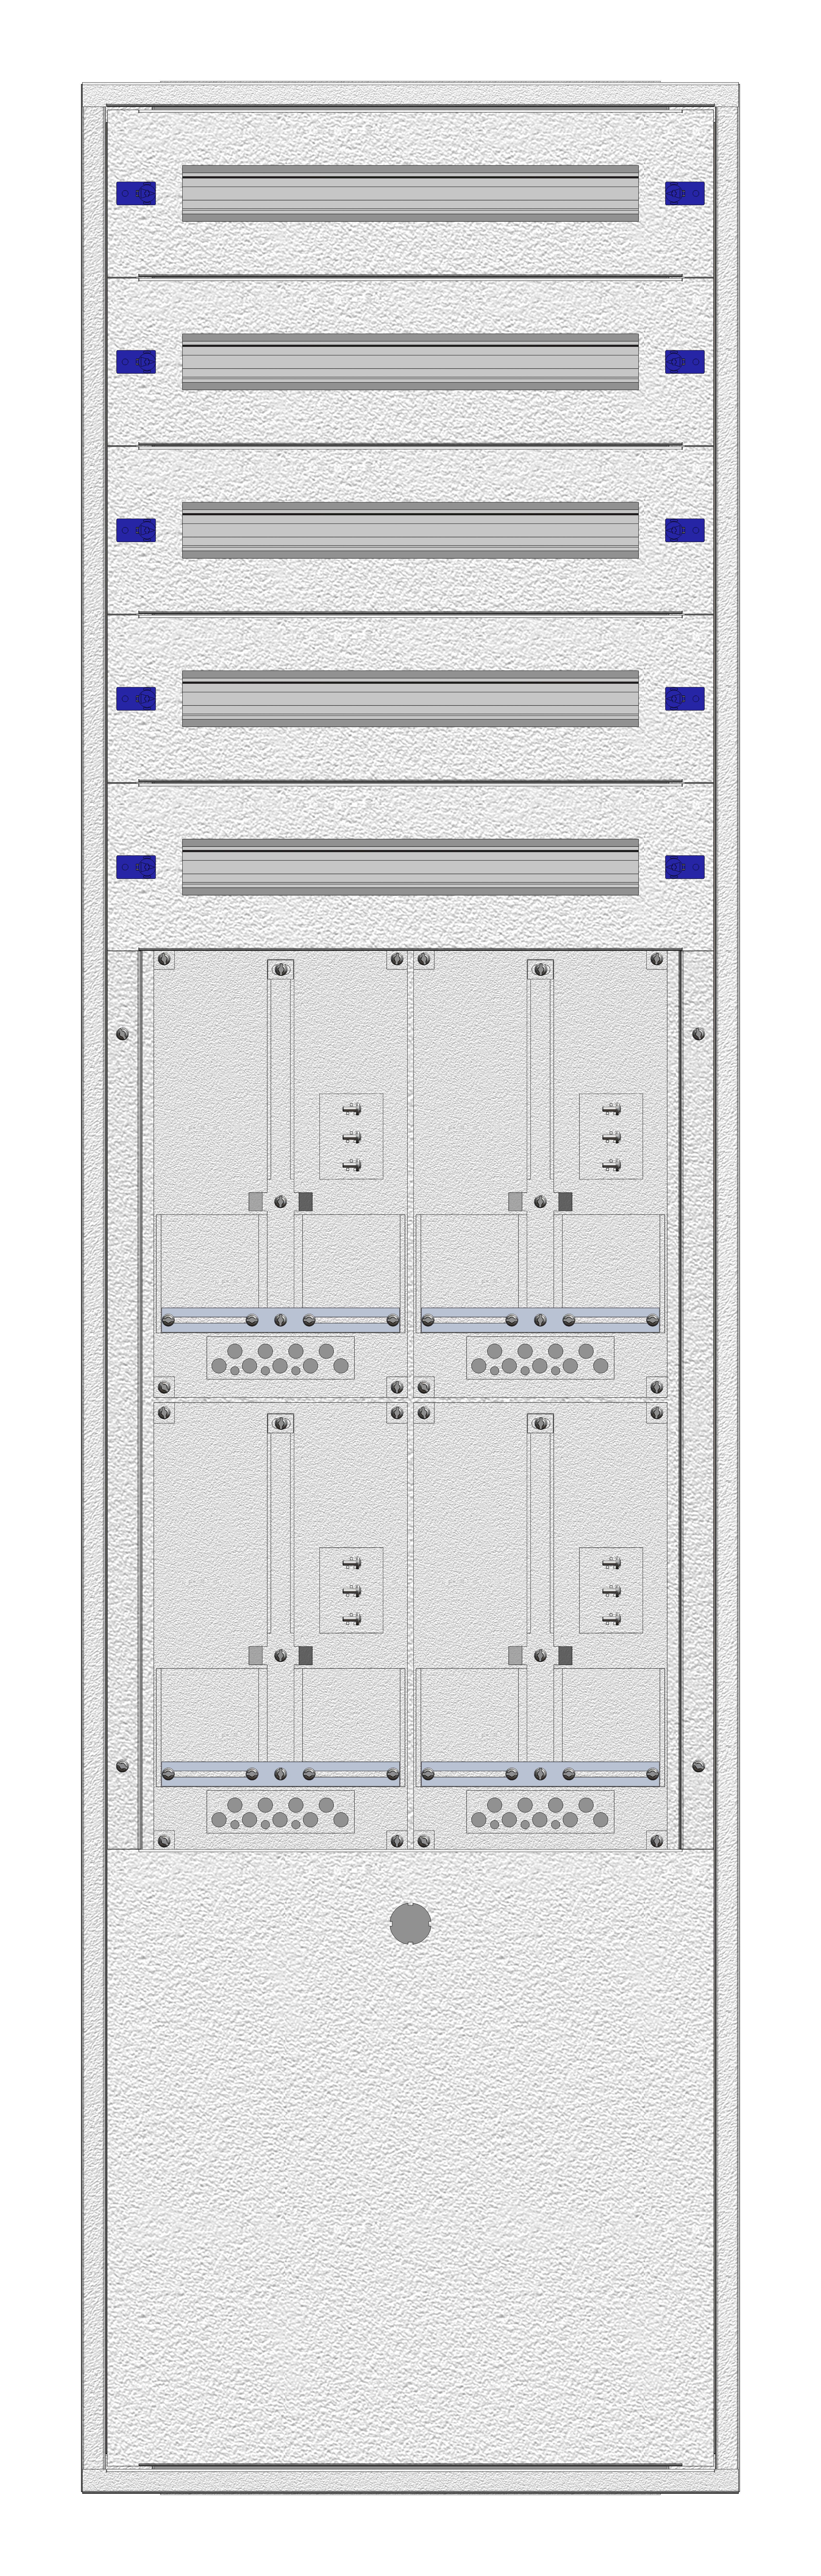 1 Stk Aufputz-Zählerverteiler 2A-42G/BGLD 4ZP, H2025B590T250mm IL162242BS